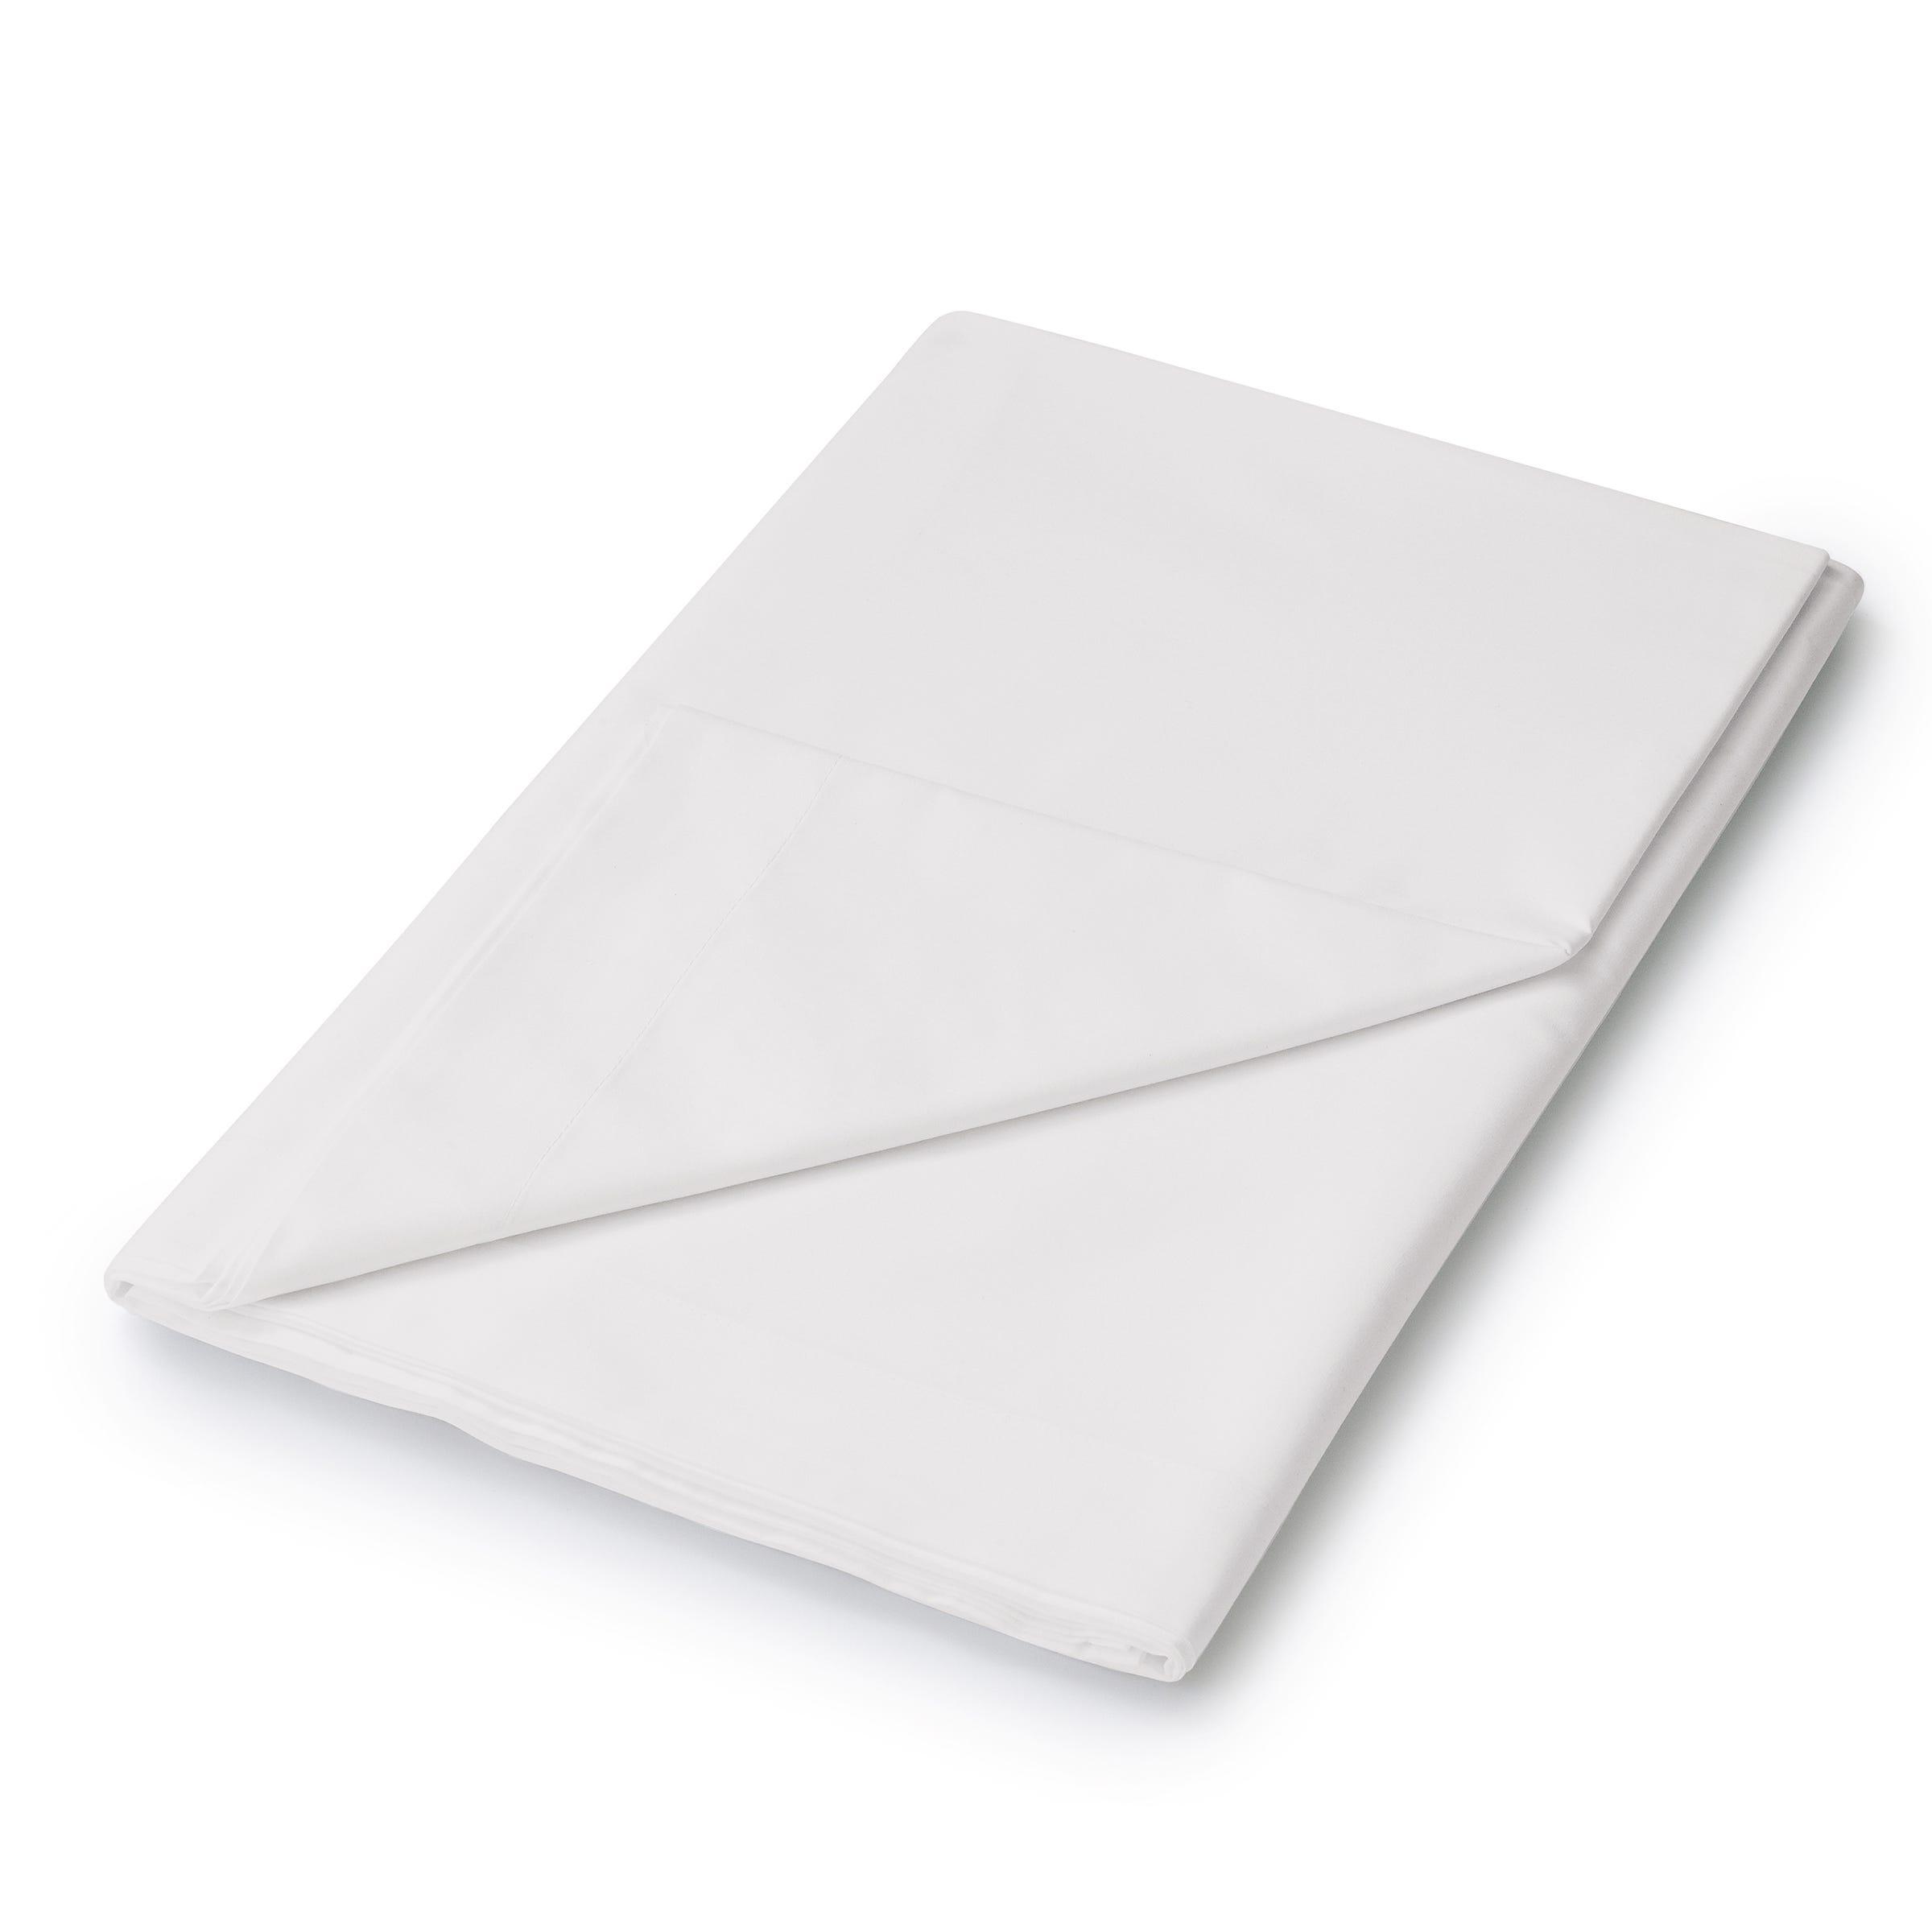 50/50 Plain Dye Percale Super Kingsize Flat Sheet, Silver